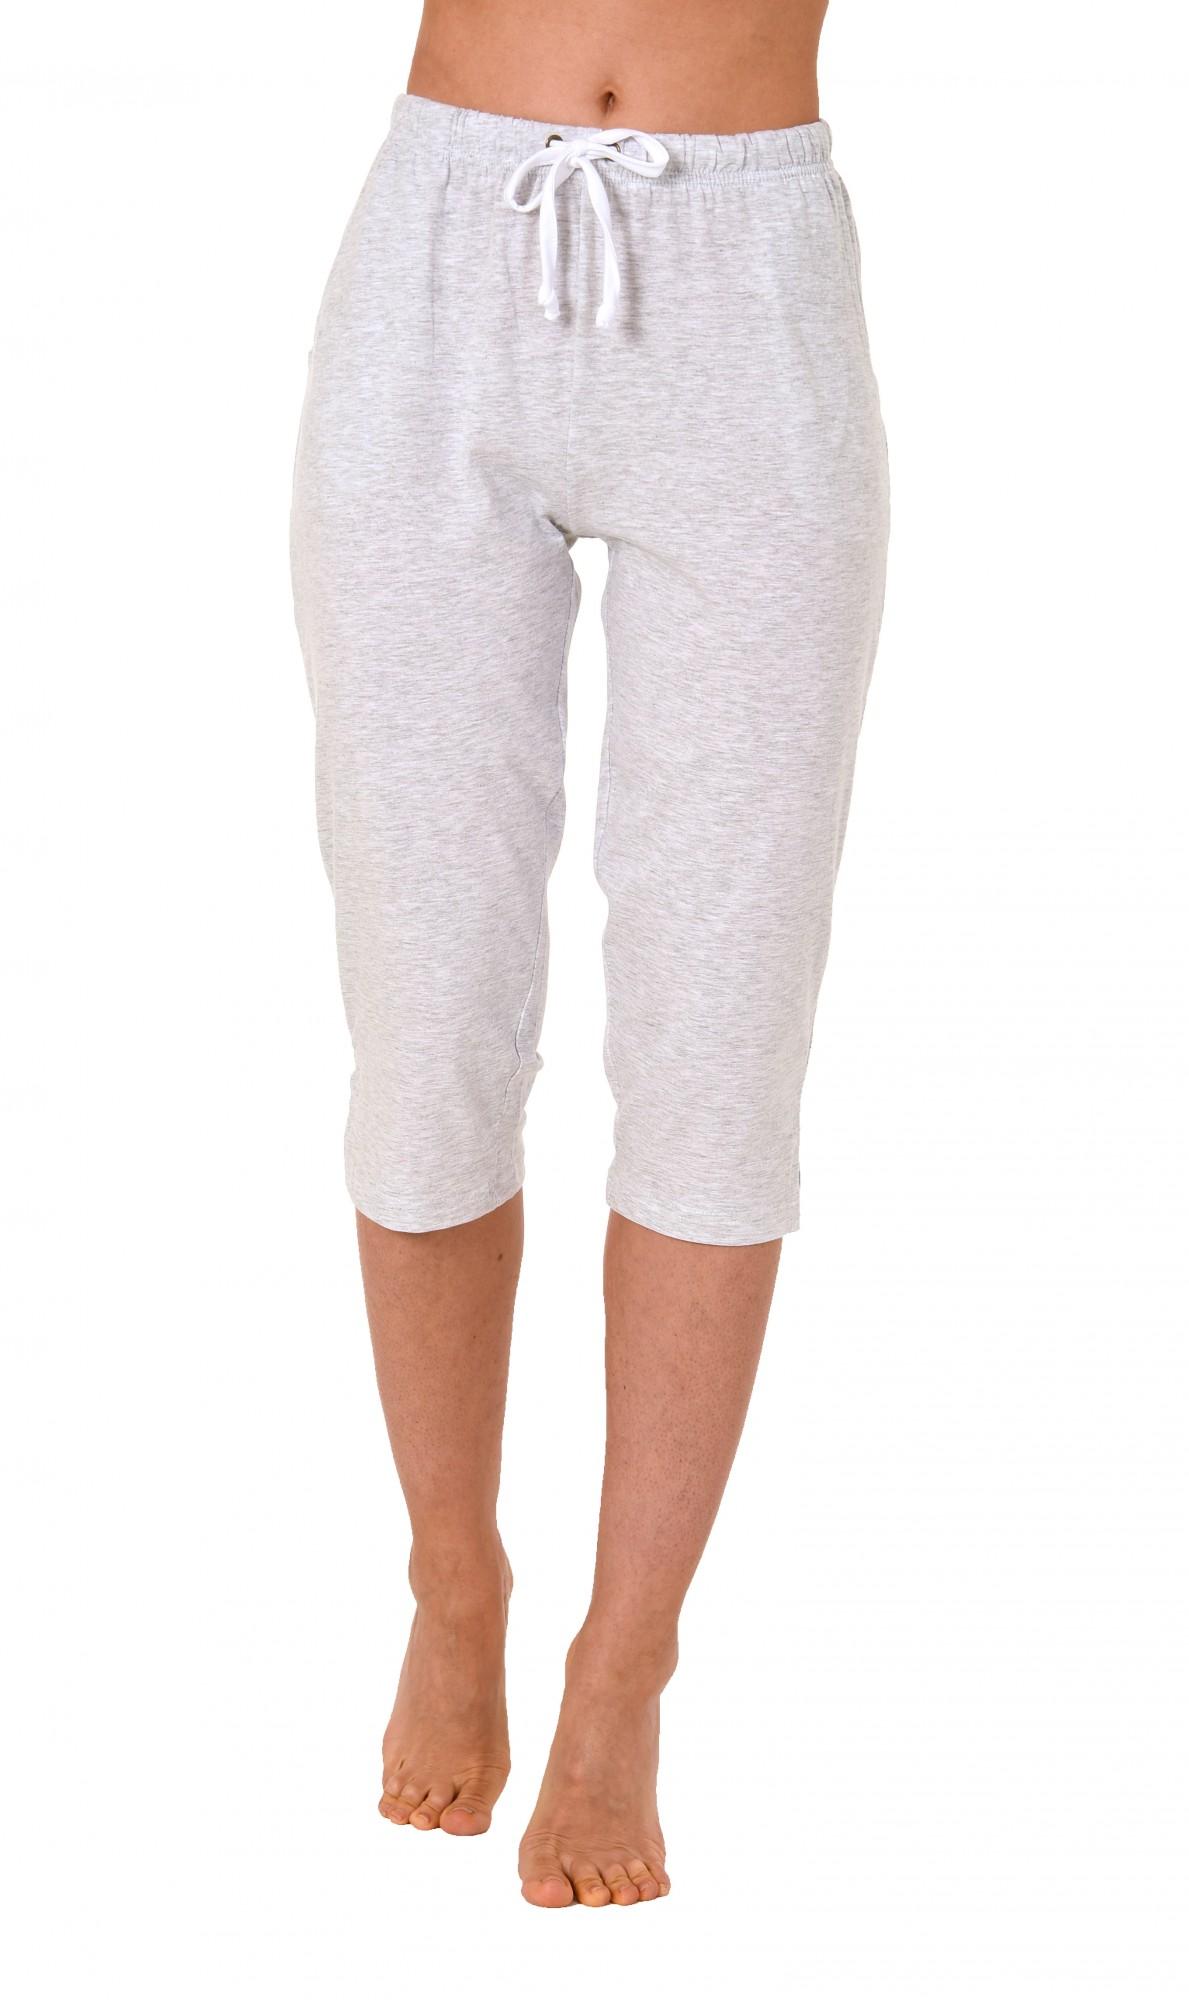 Damen Pyjama Capri Hose 3/4-lang - Mix & Match - ideal zum kombinieren  223 90 902 – Bild 2